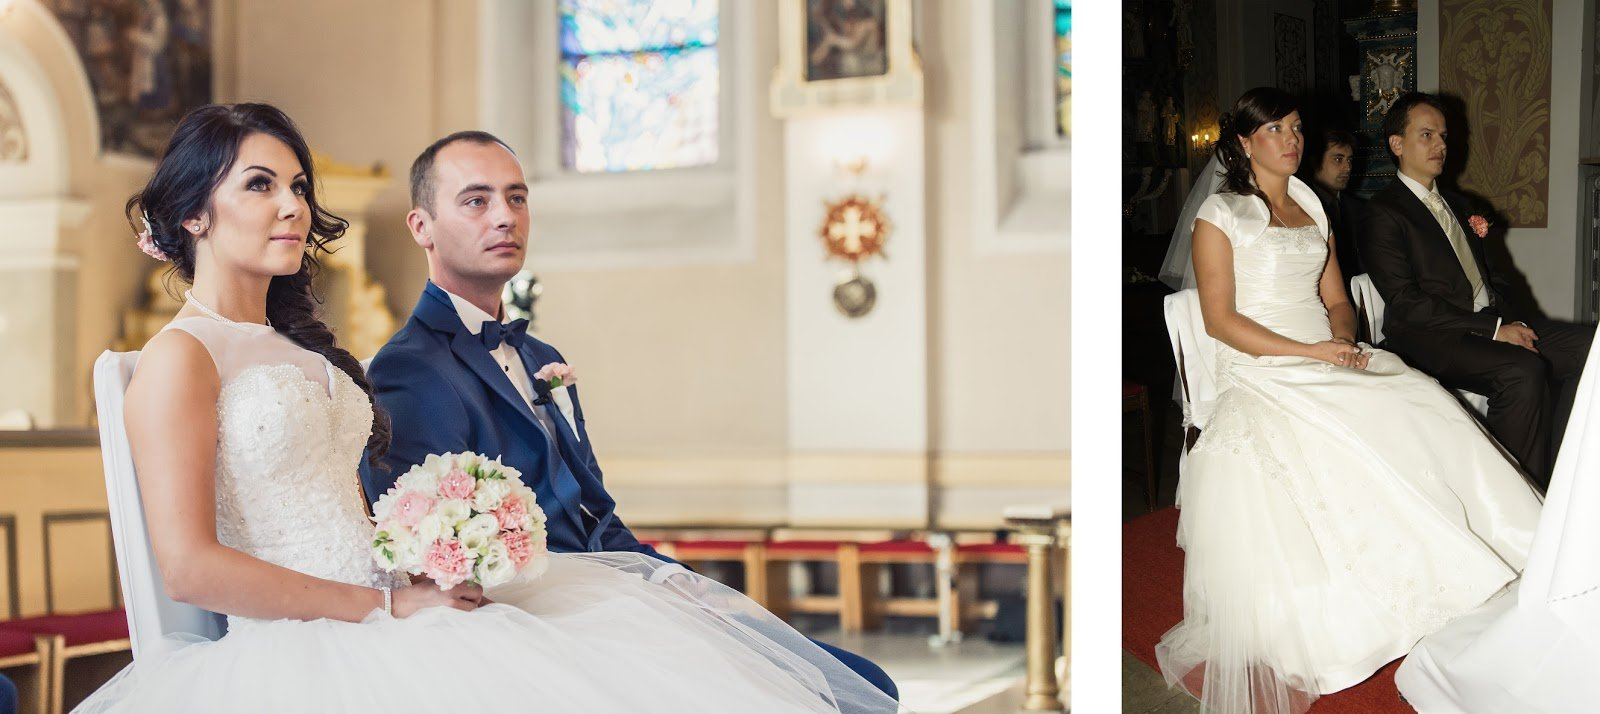 jak wybrać fotografa na ślub - zdjęcia w kościele